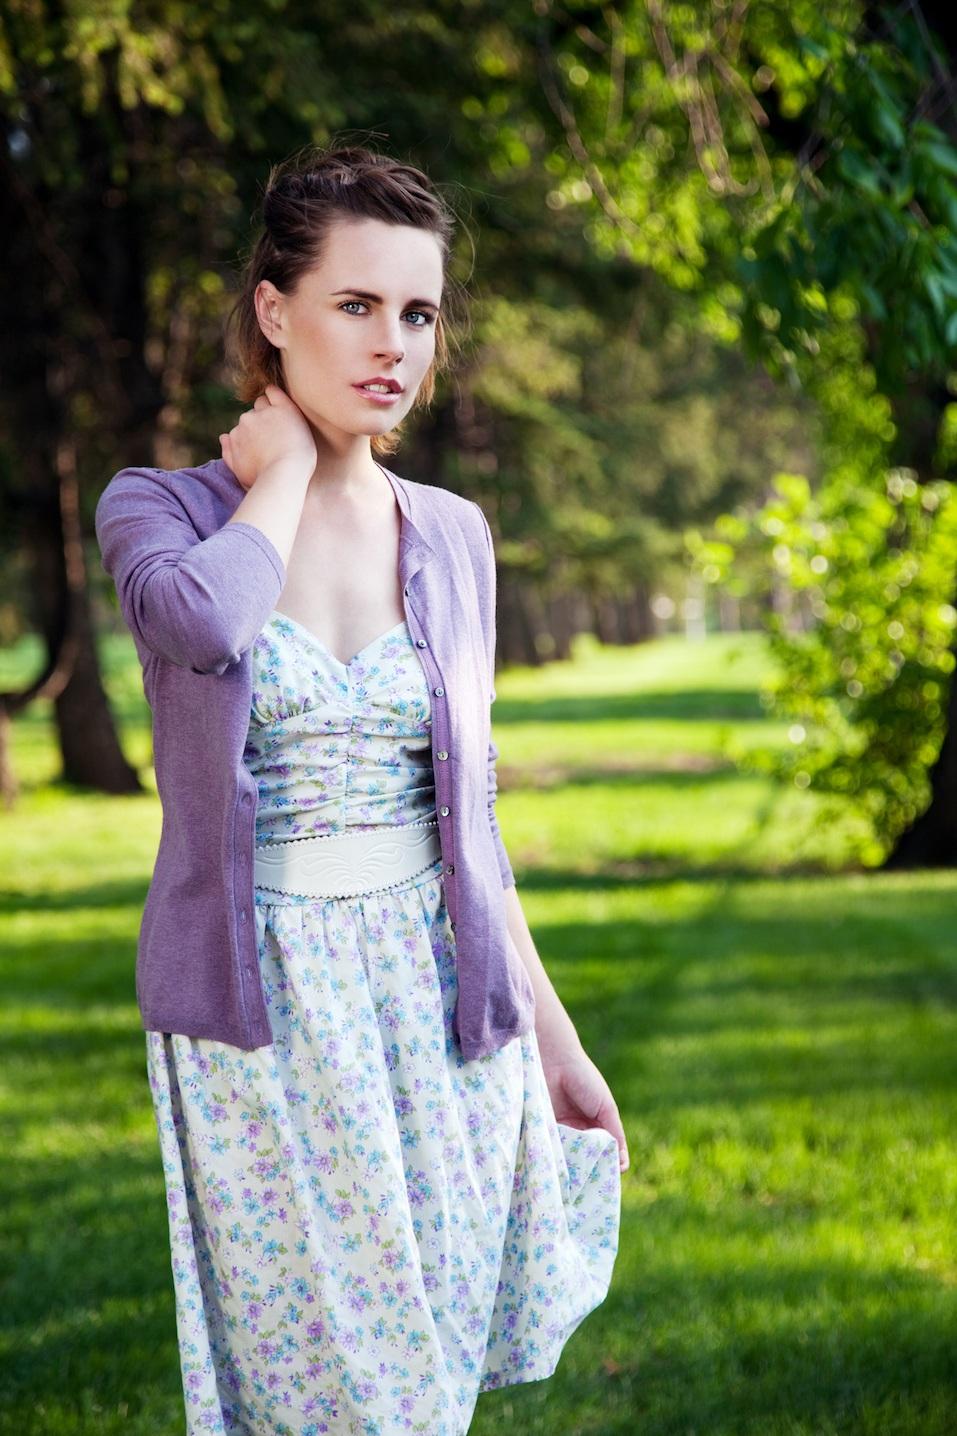 woman in a dress